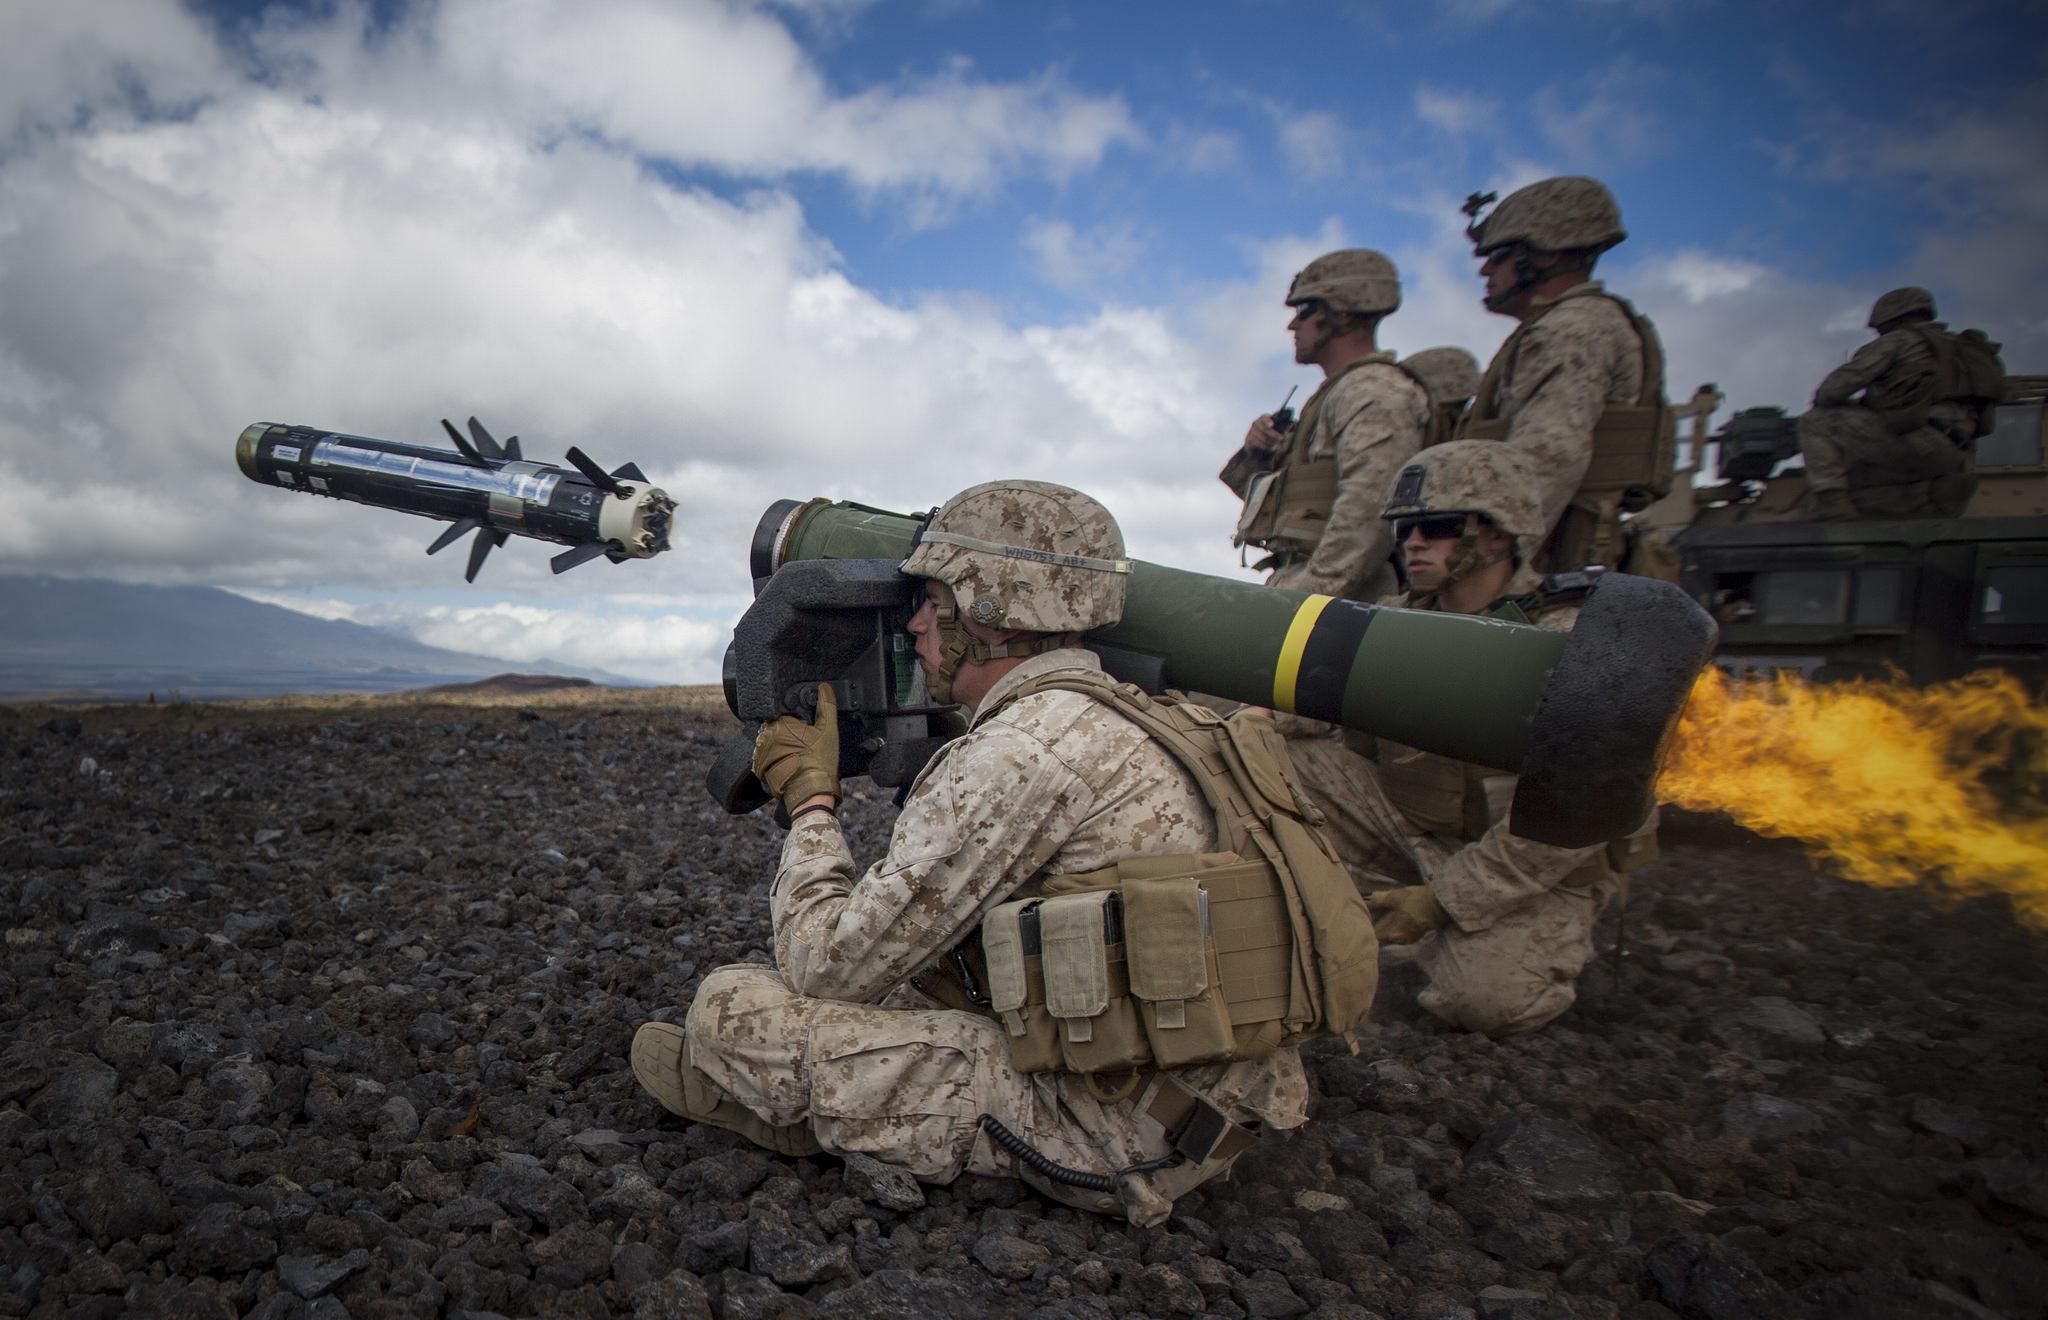 Украина получит летальное оружие от США, признав Россию агрессором на Донбассе